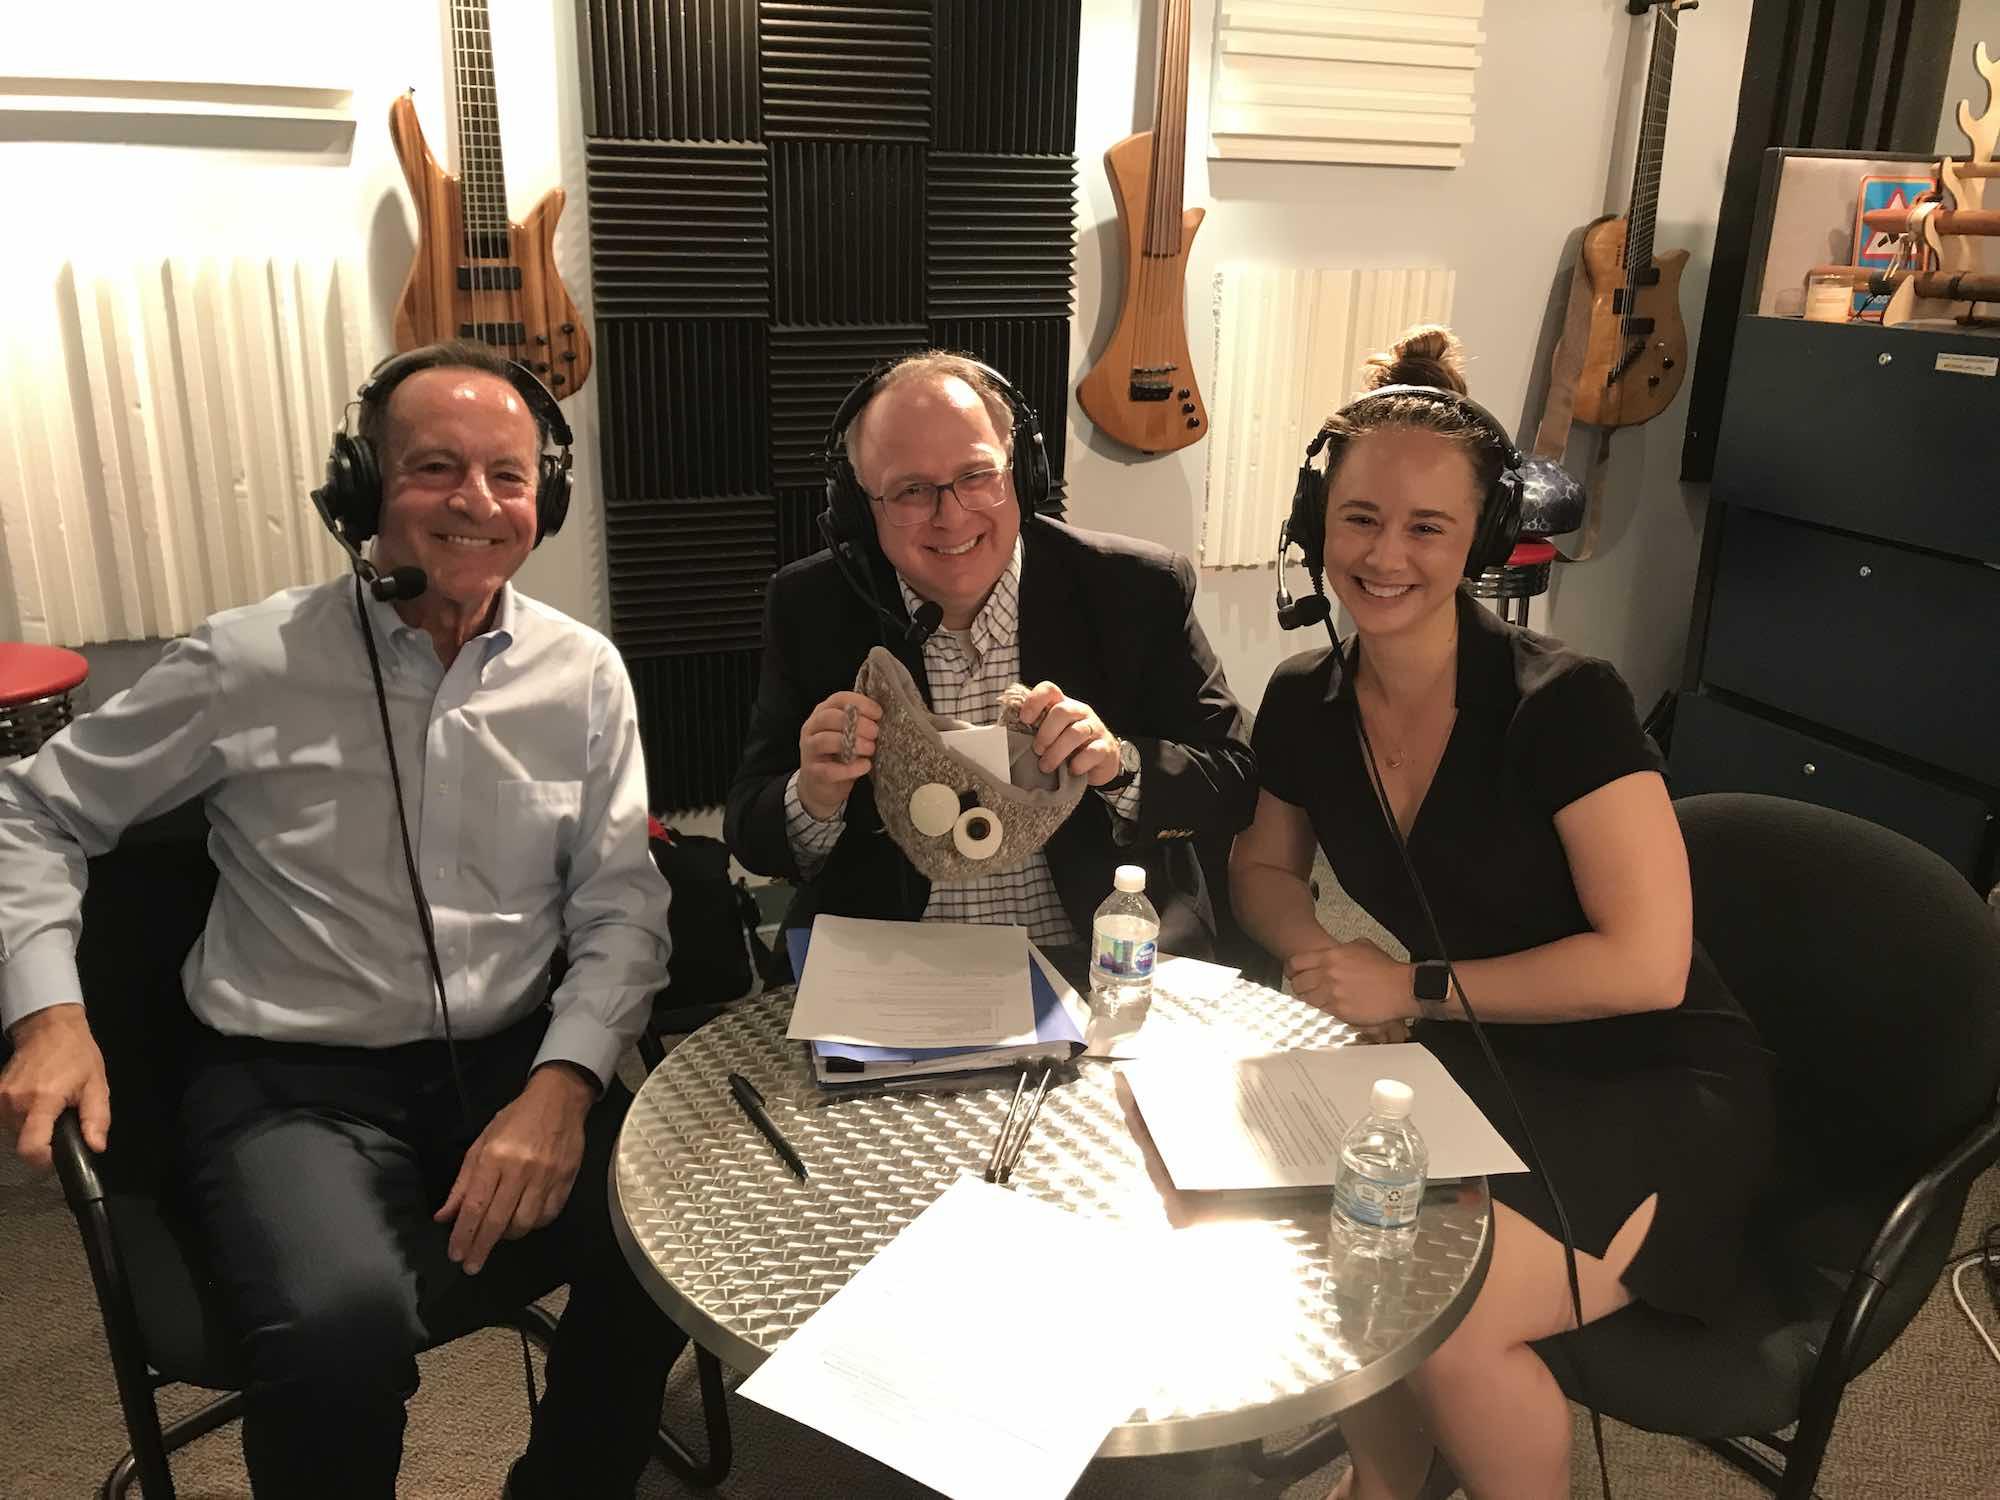 Jon Jacobson, Wilson Sonsini Goodrich & Rosati, PC